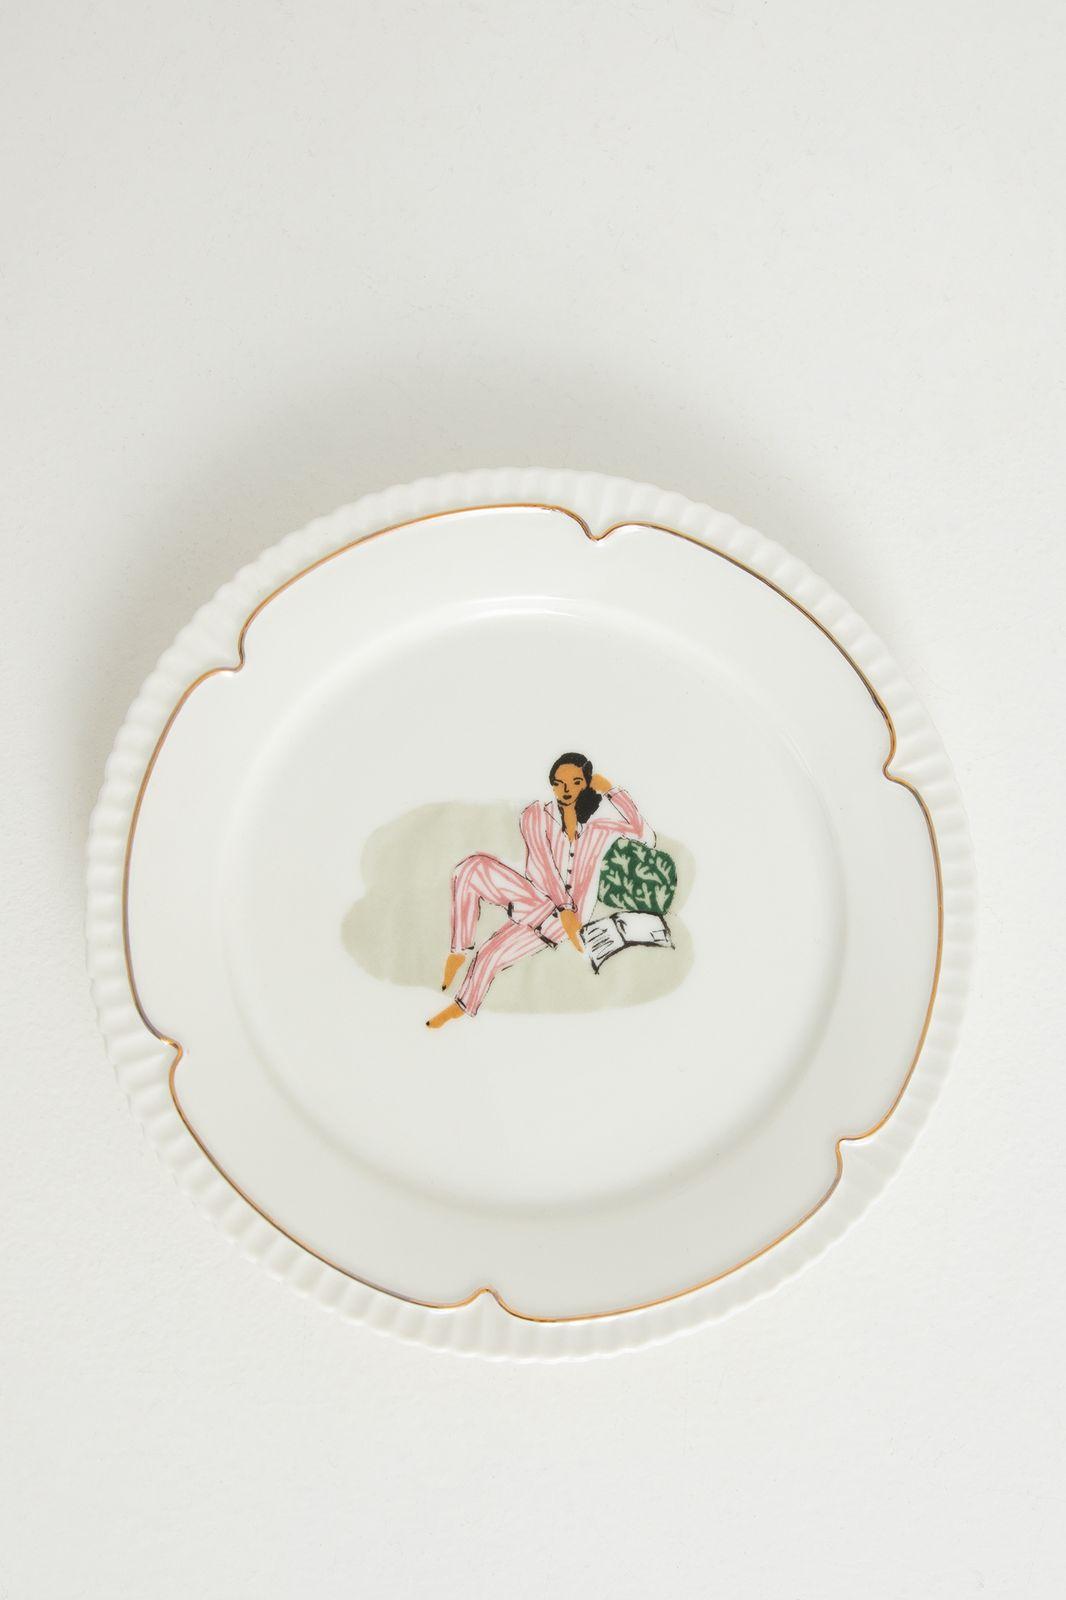 Wit aardewerk dessertbord deco gold woman - Homeland   Sissy-Boy